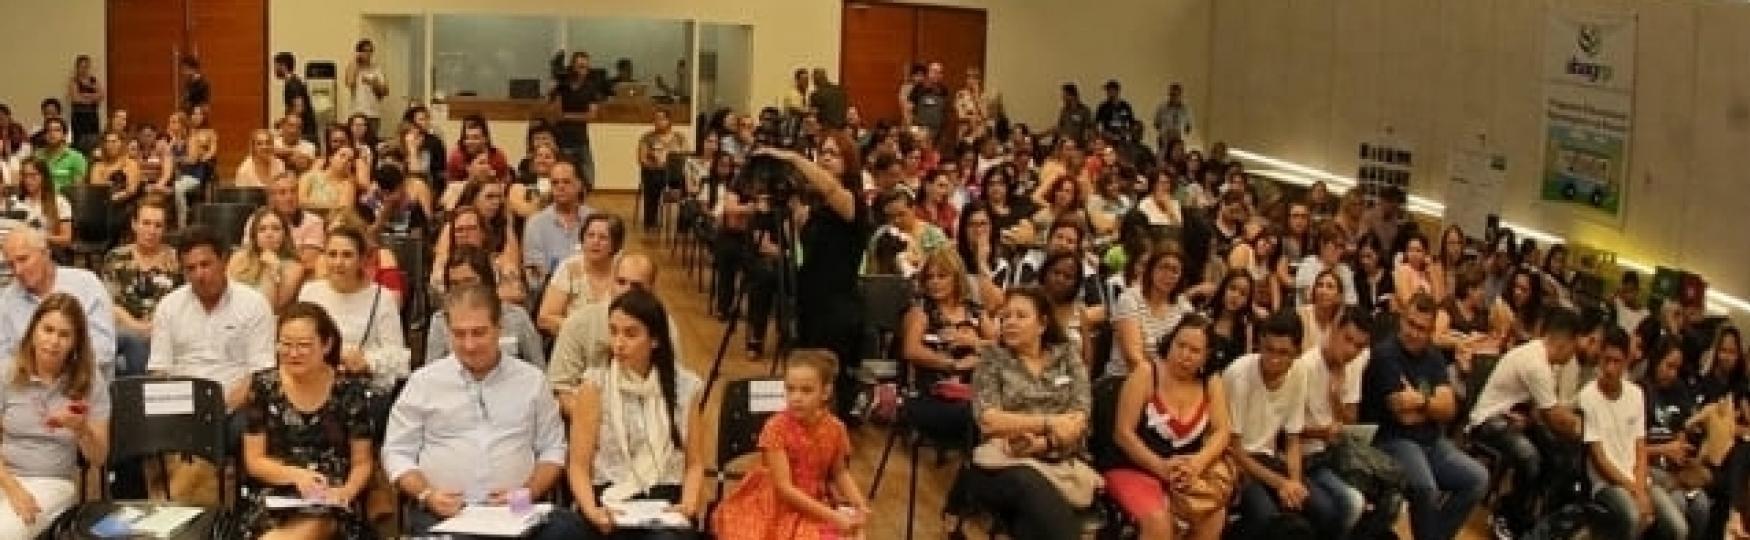 A tradicional palestra, que marca a abertura das atividades do Programa no ano letivo, acontecerá no dia 23 de março, no Teatro do Campus da USP, em Ribeirão Preto. Além de temas relacionados ao agronegócio serão abordados aspectos de educação midiática.